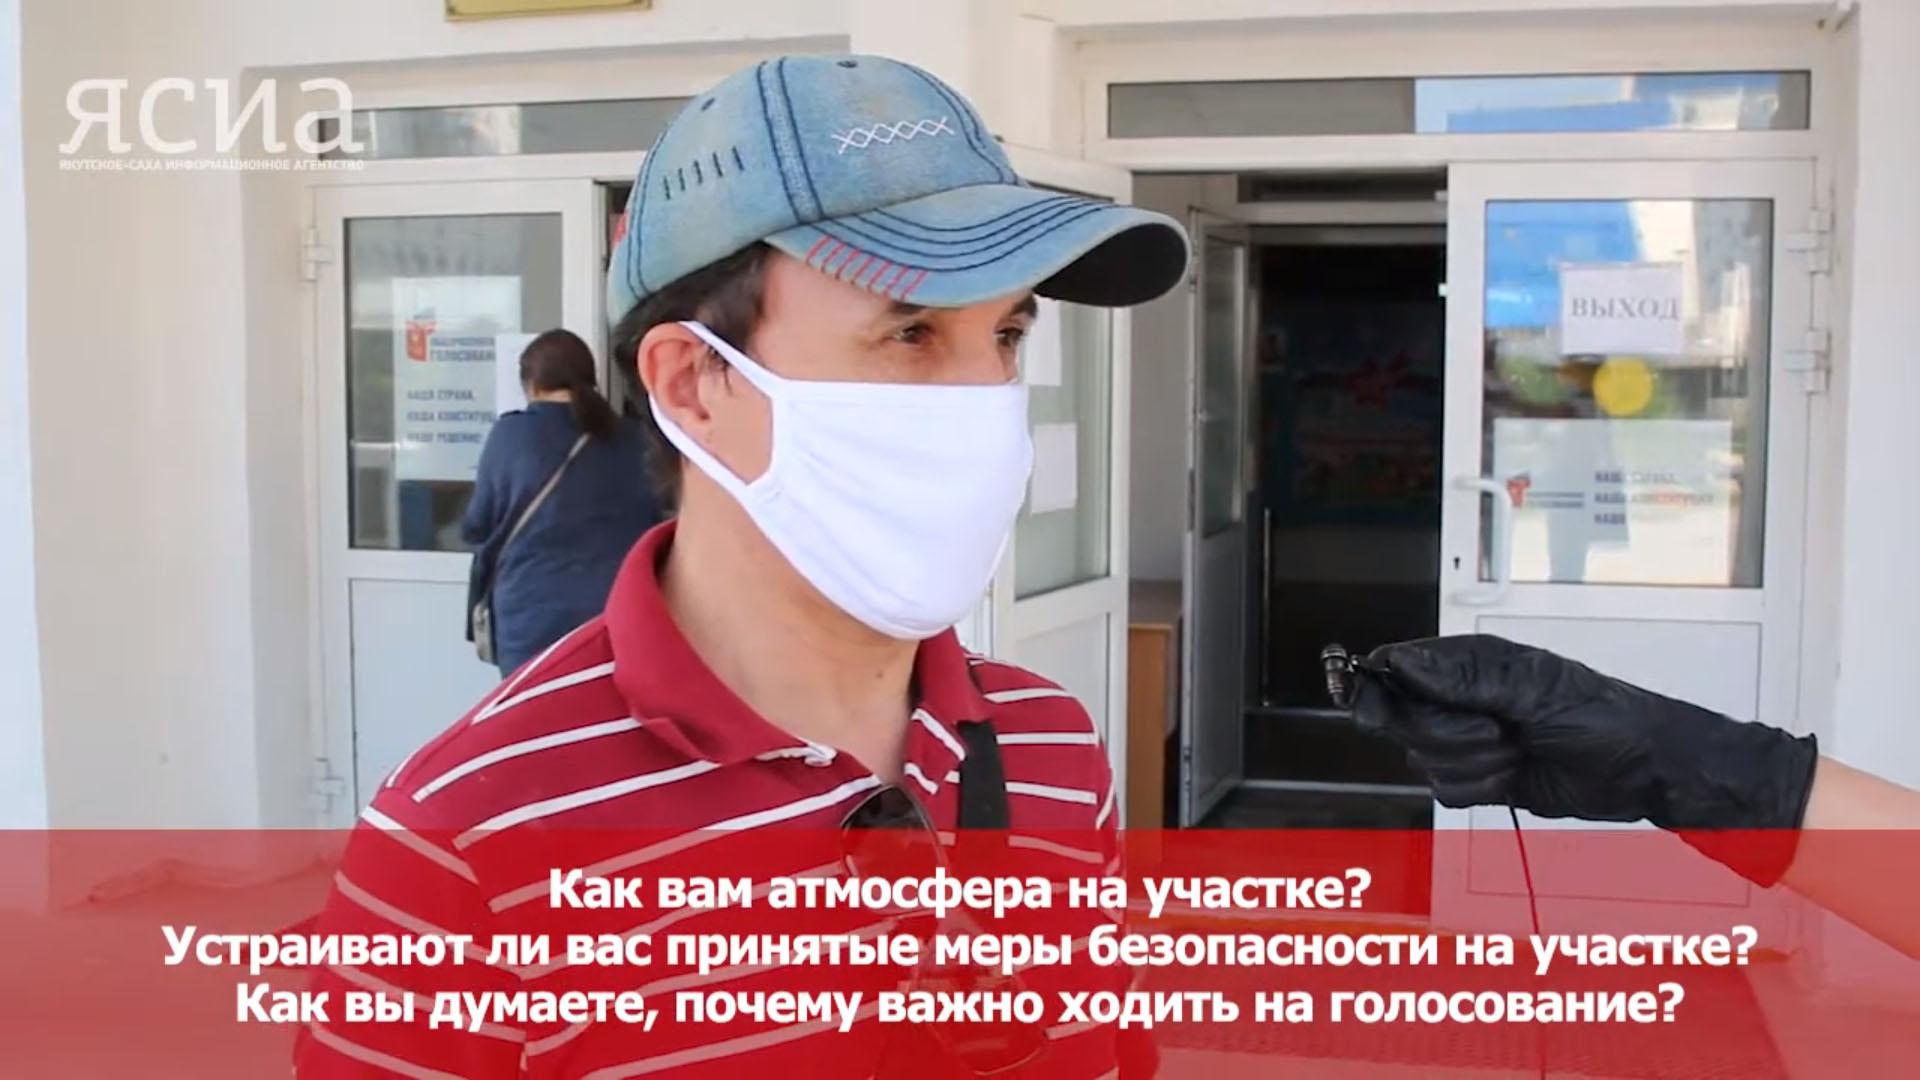 Блиц-опрос в Якутске среди проголосовавших по изменениям в Конституции РФ